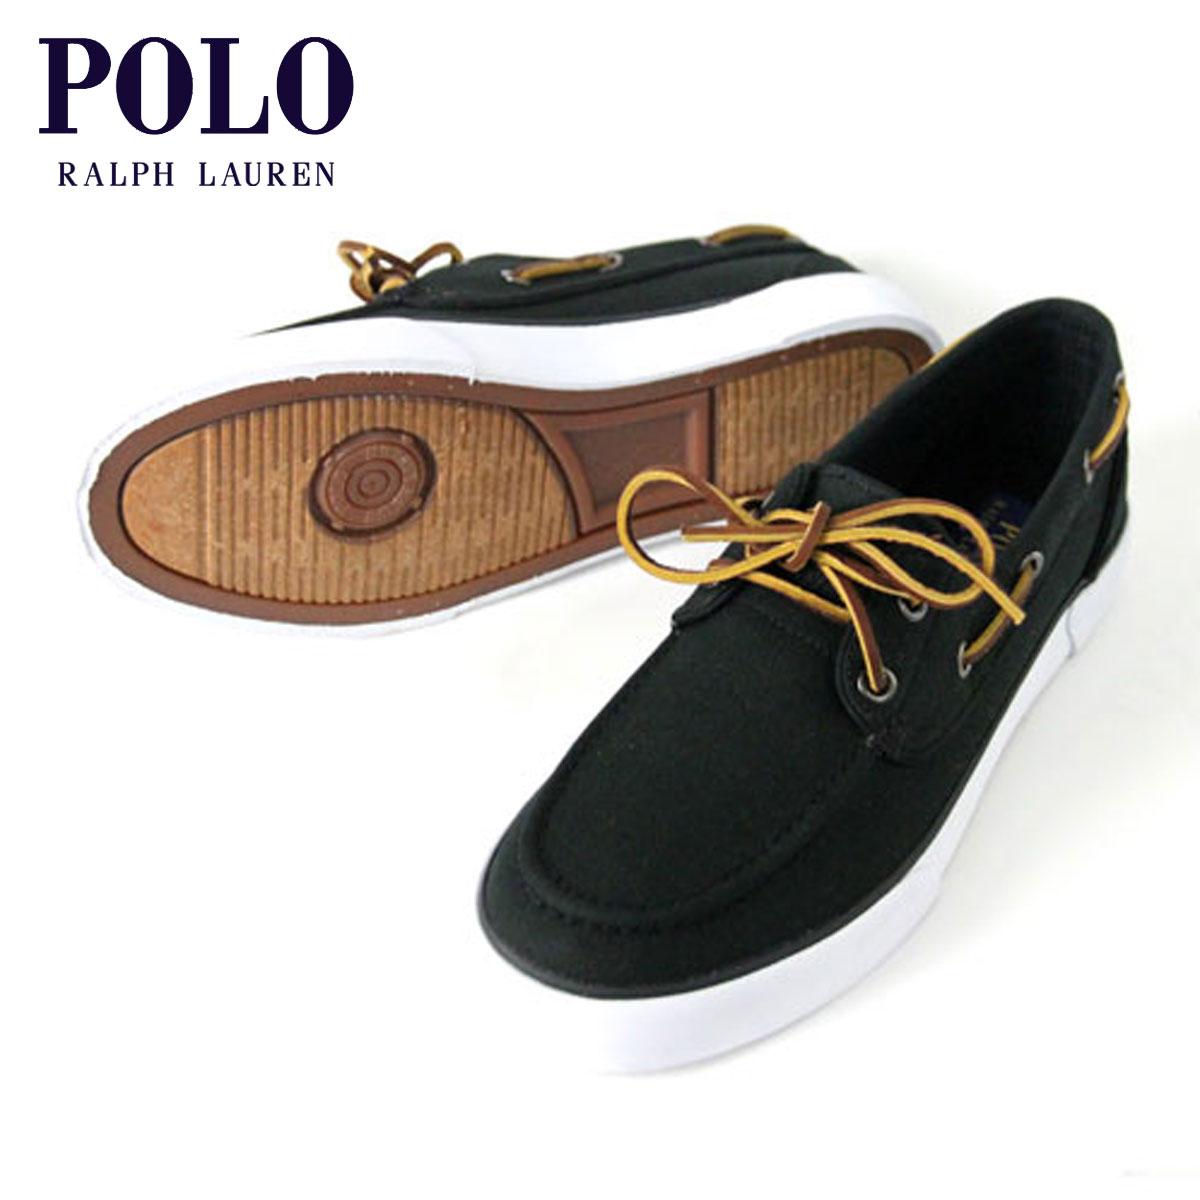 ポロ ラルフローレン POLO RALPH LAUREN 正規品 メンズ 靴 シューズ CANVAS SANDER SNEAKER D15S25